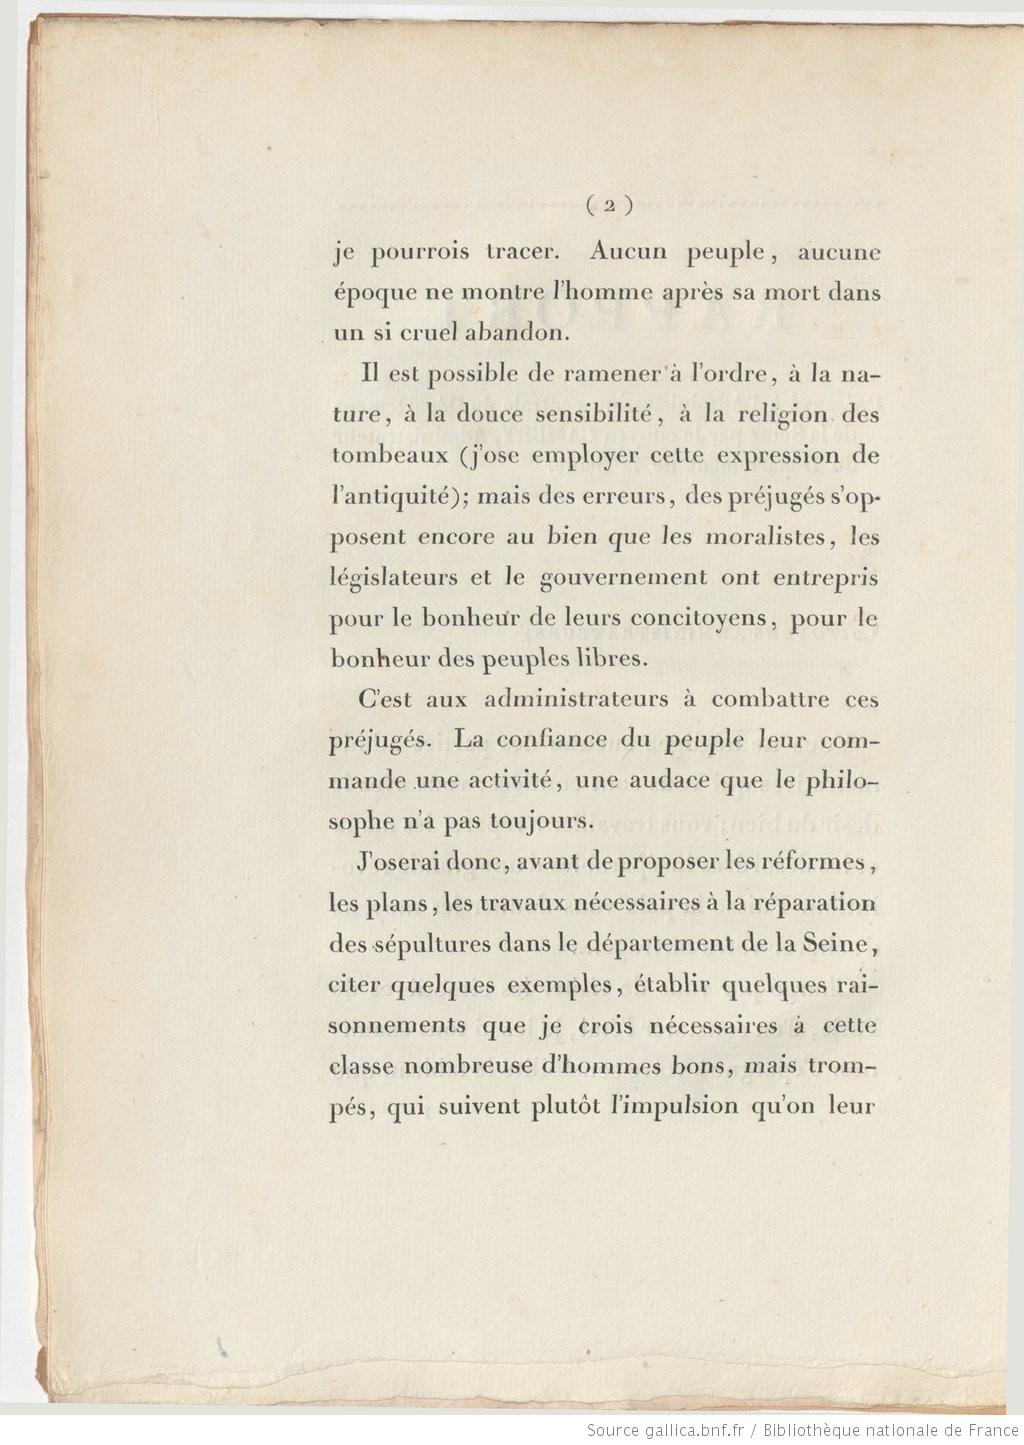 Rapport_sur_les_sépultures_présenté_[...]Cambry_Jacques_bpt6k6523825g (22)